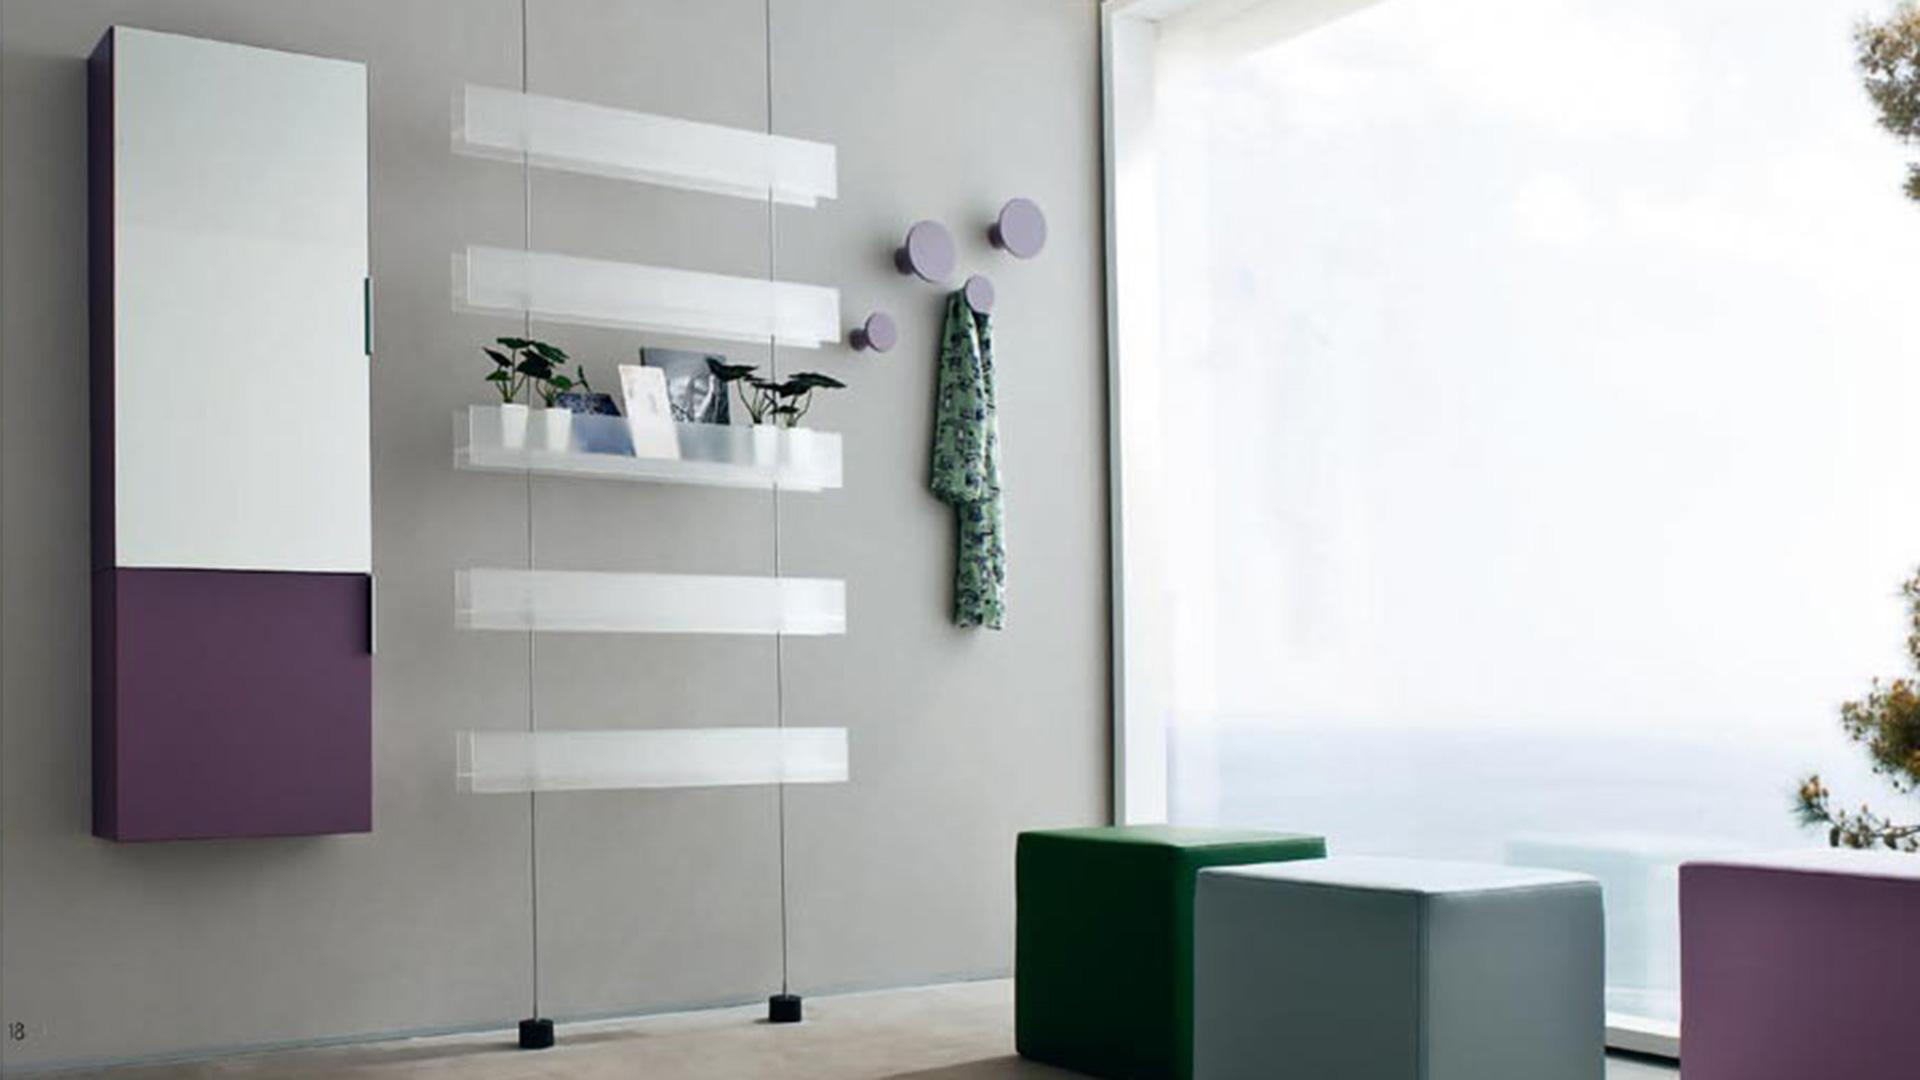 Mobili Per Ingresso Casa: Pratico day di zanette per arredare l ingresso e il soggiorno.